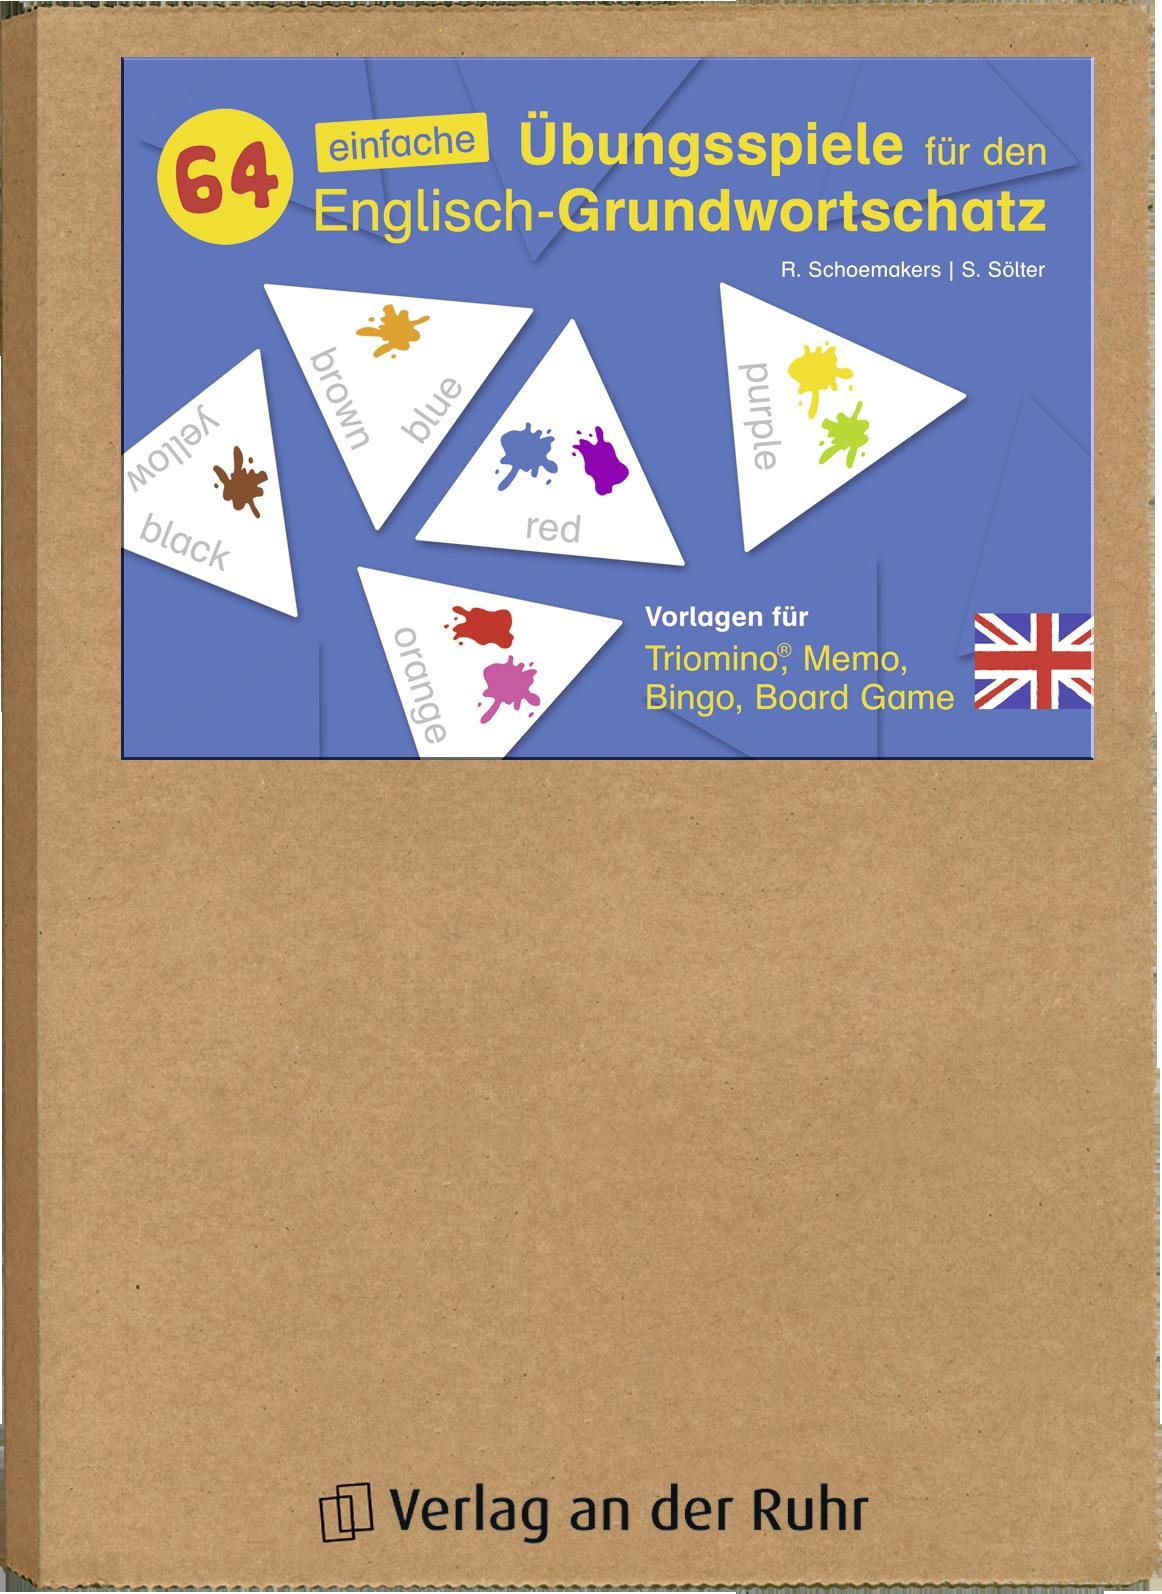 64 einfache Übungsspiele für den Englisch-Grundwortschatz ...